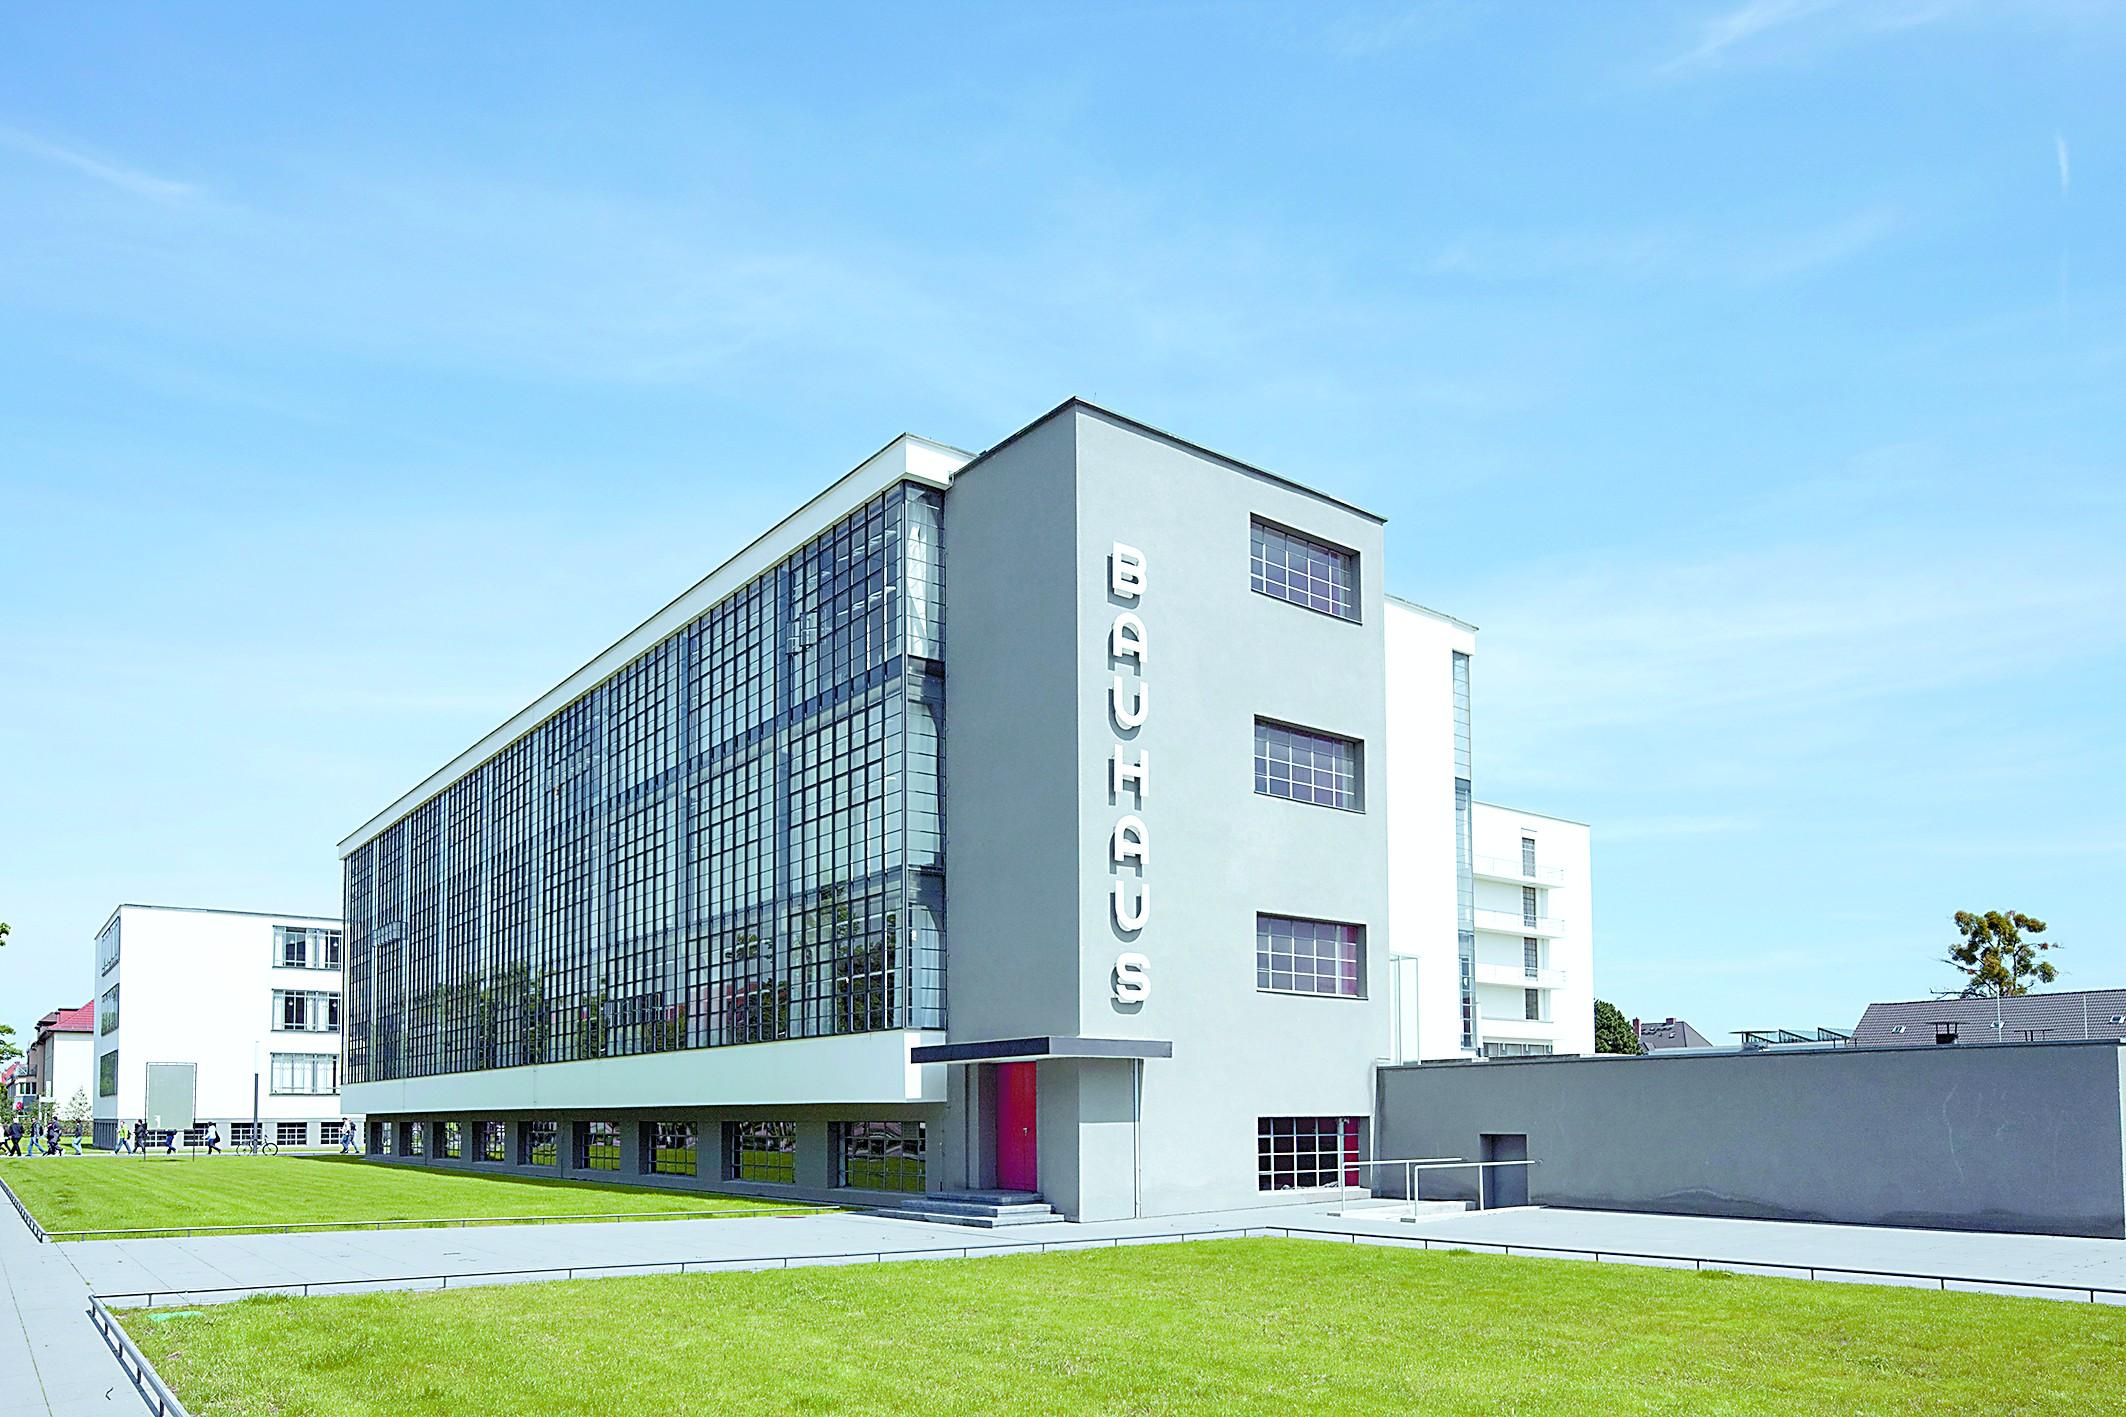 给城市增添现代气息 包豪斯在德国生根发芽百年